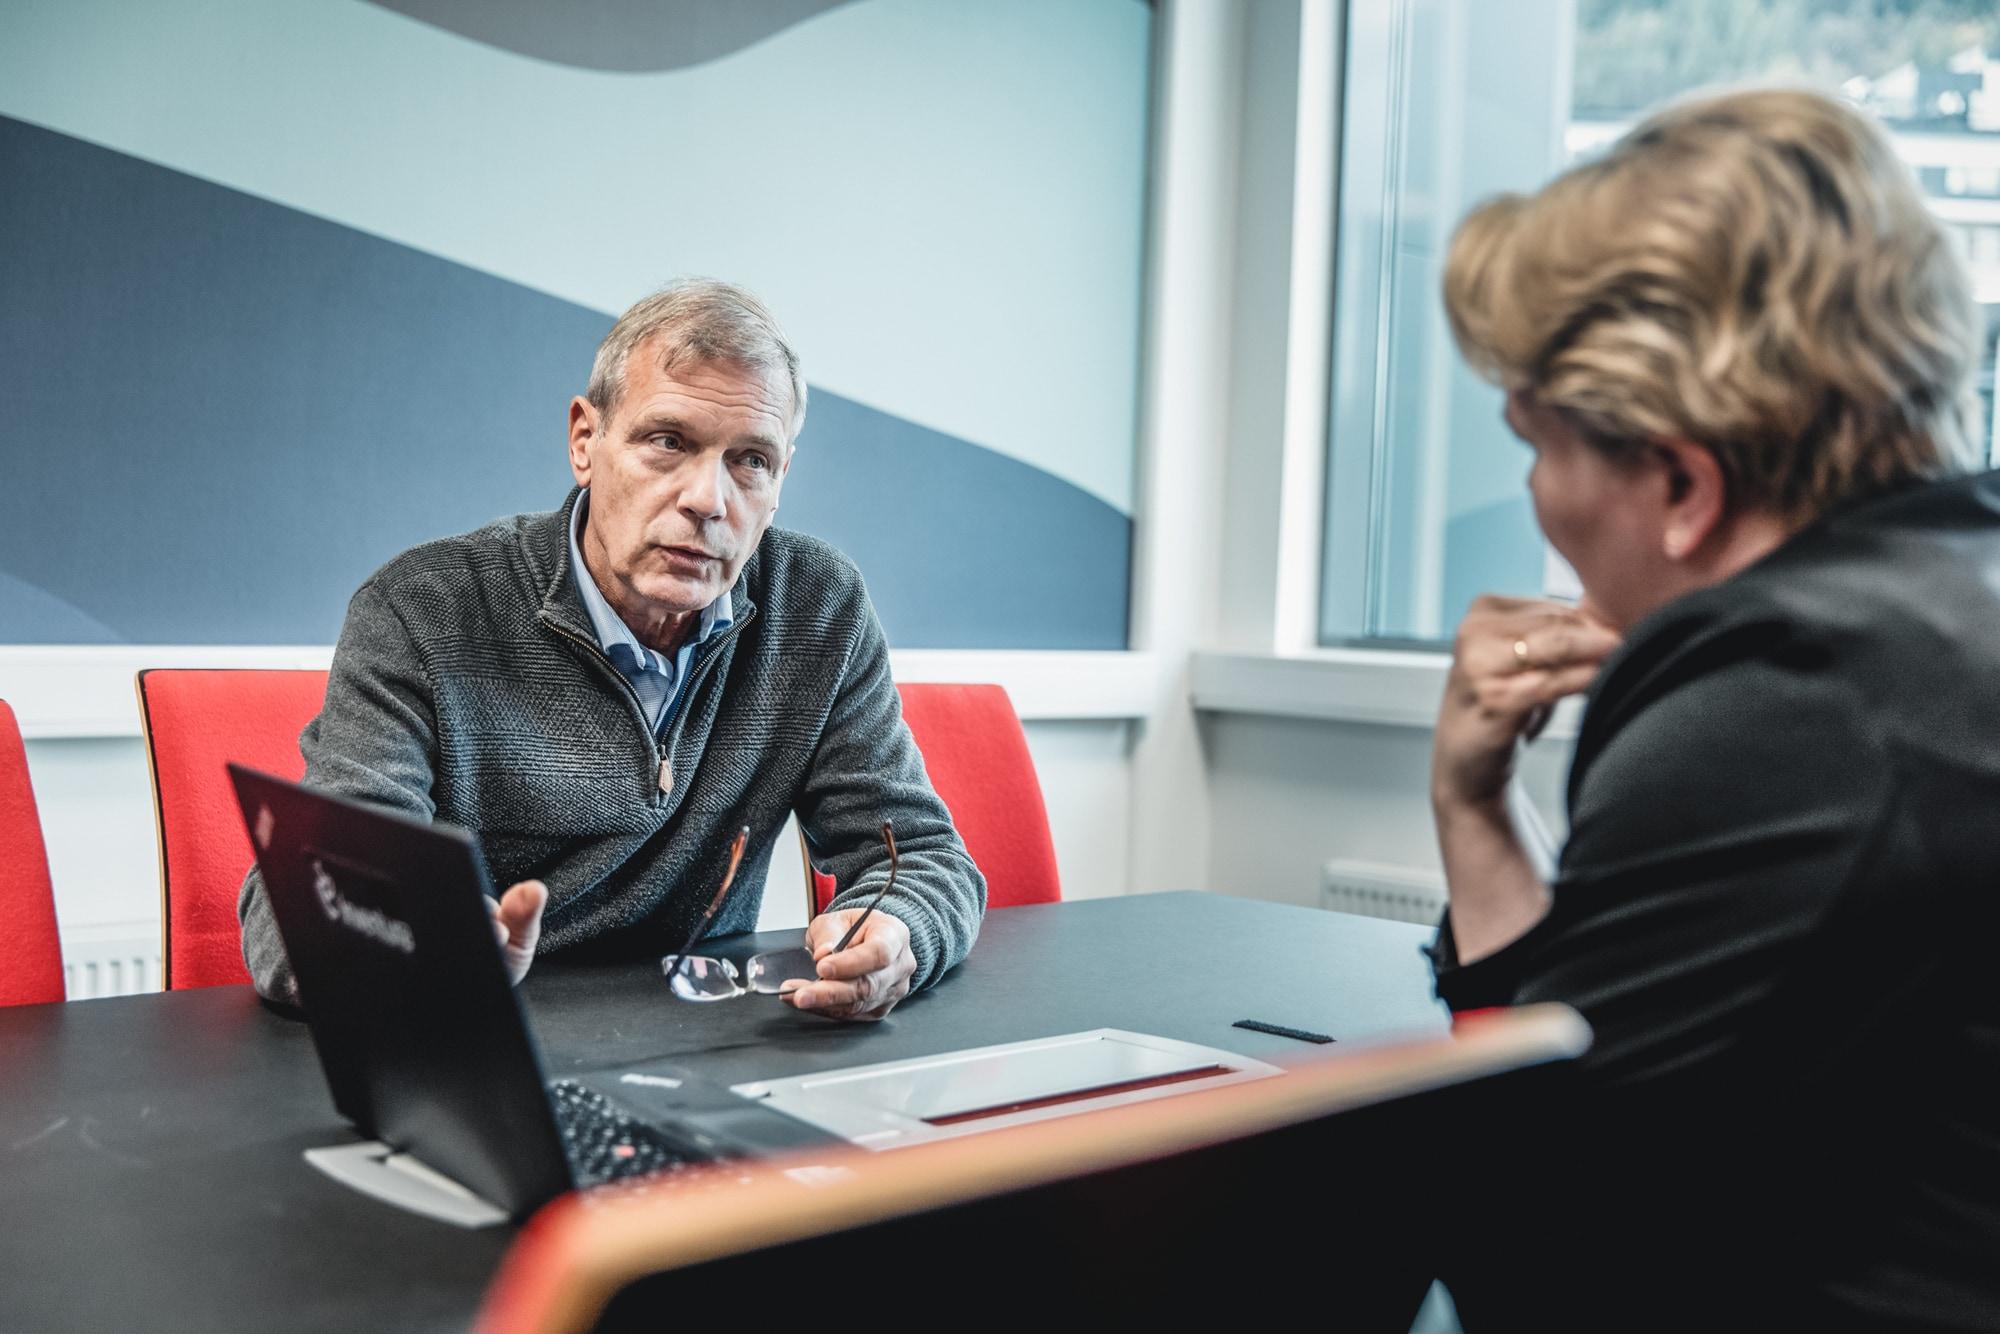 Mannlig og kvinnelig kollega i dialog på møterom i Inventuras kontorlokaler. Selskapet tilbyr blant annet tjenester om implementering av innkjøpsavtaler.